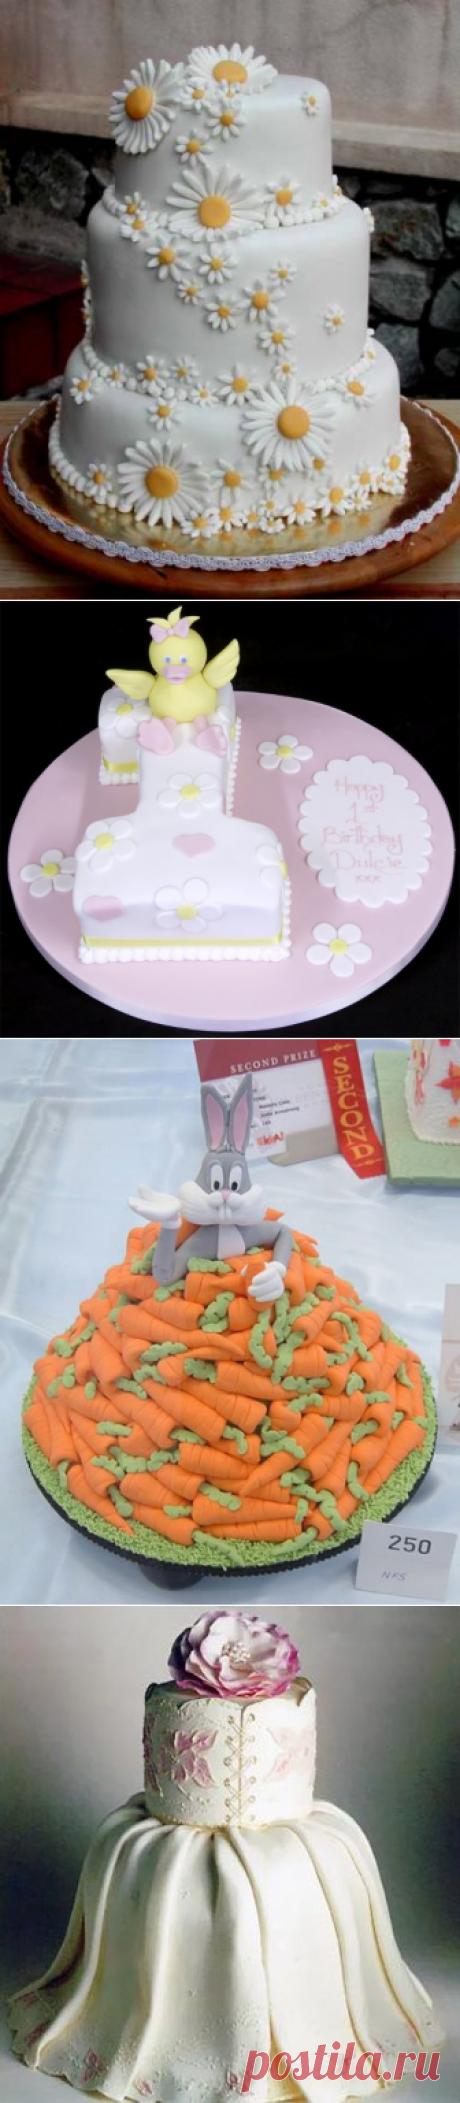 Идеи украшений тортов из мастики